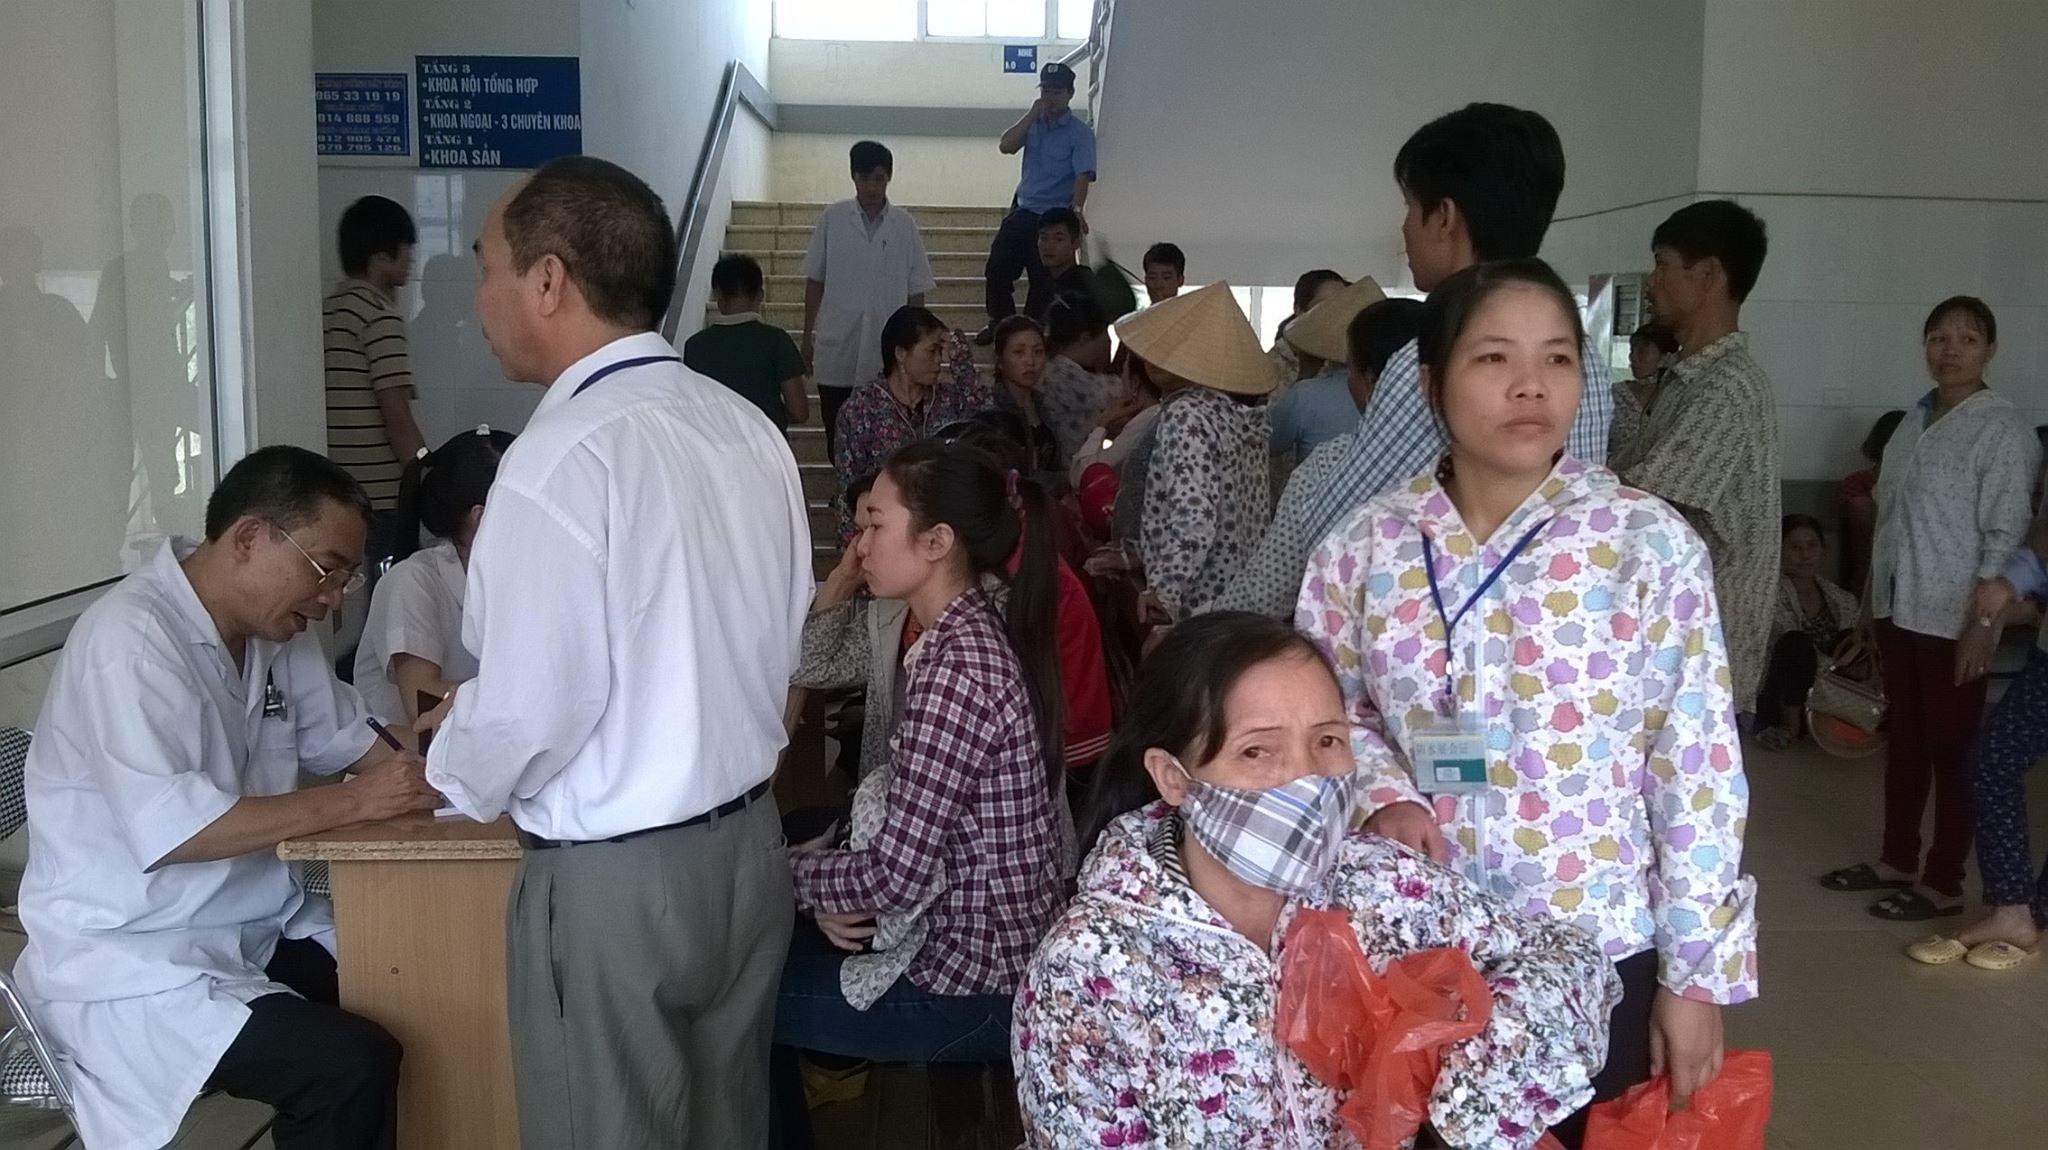 Đình chỉ Giám đốc Bệnh viện ngăn cản phóng viên tác nghiệp - Ảnh 2